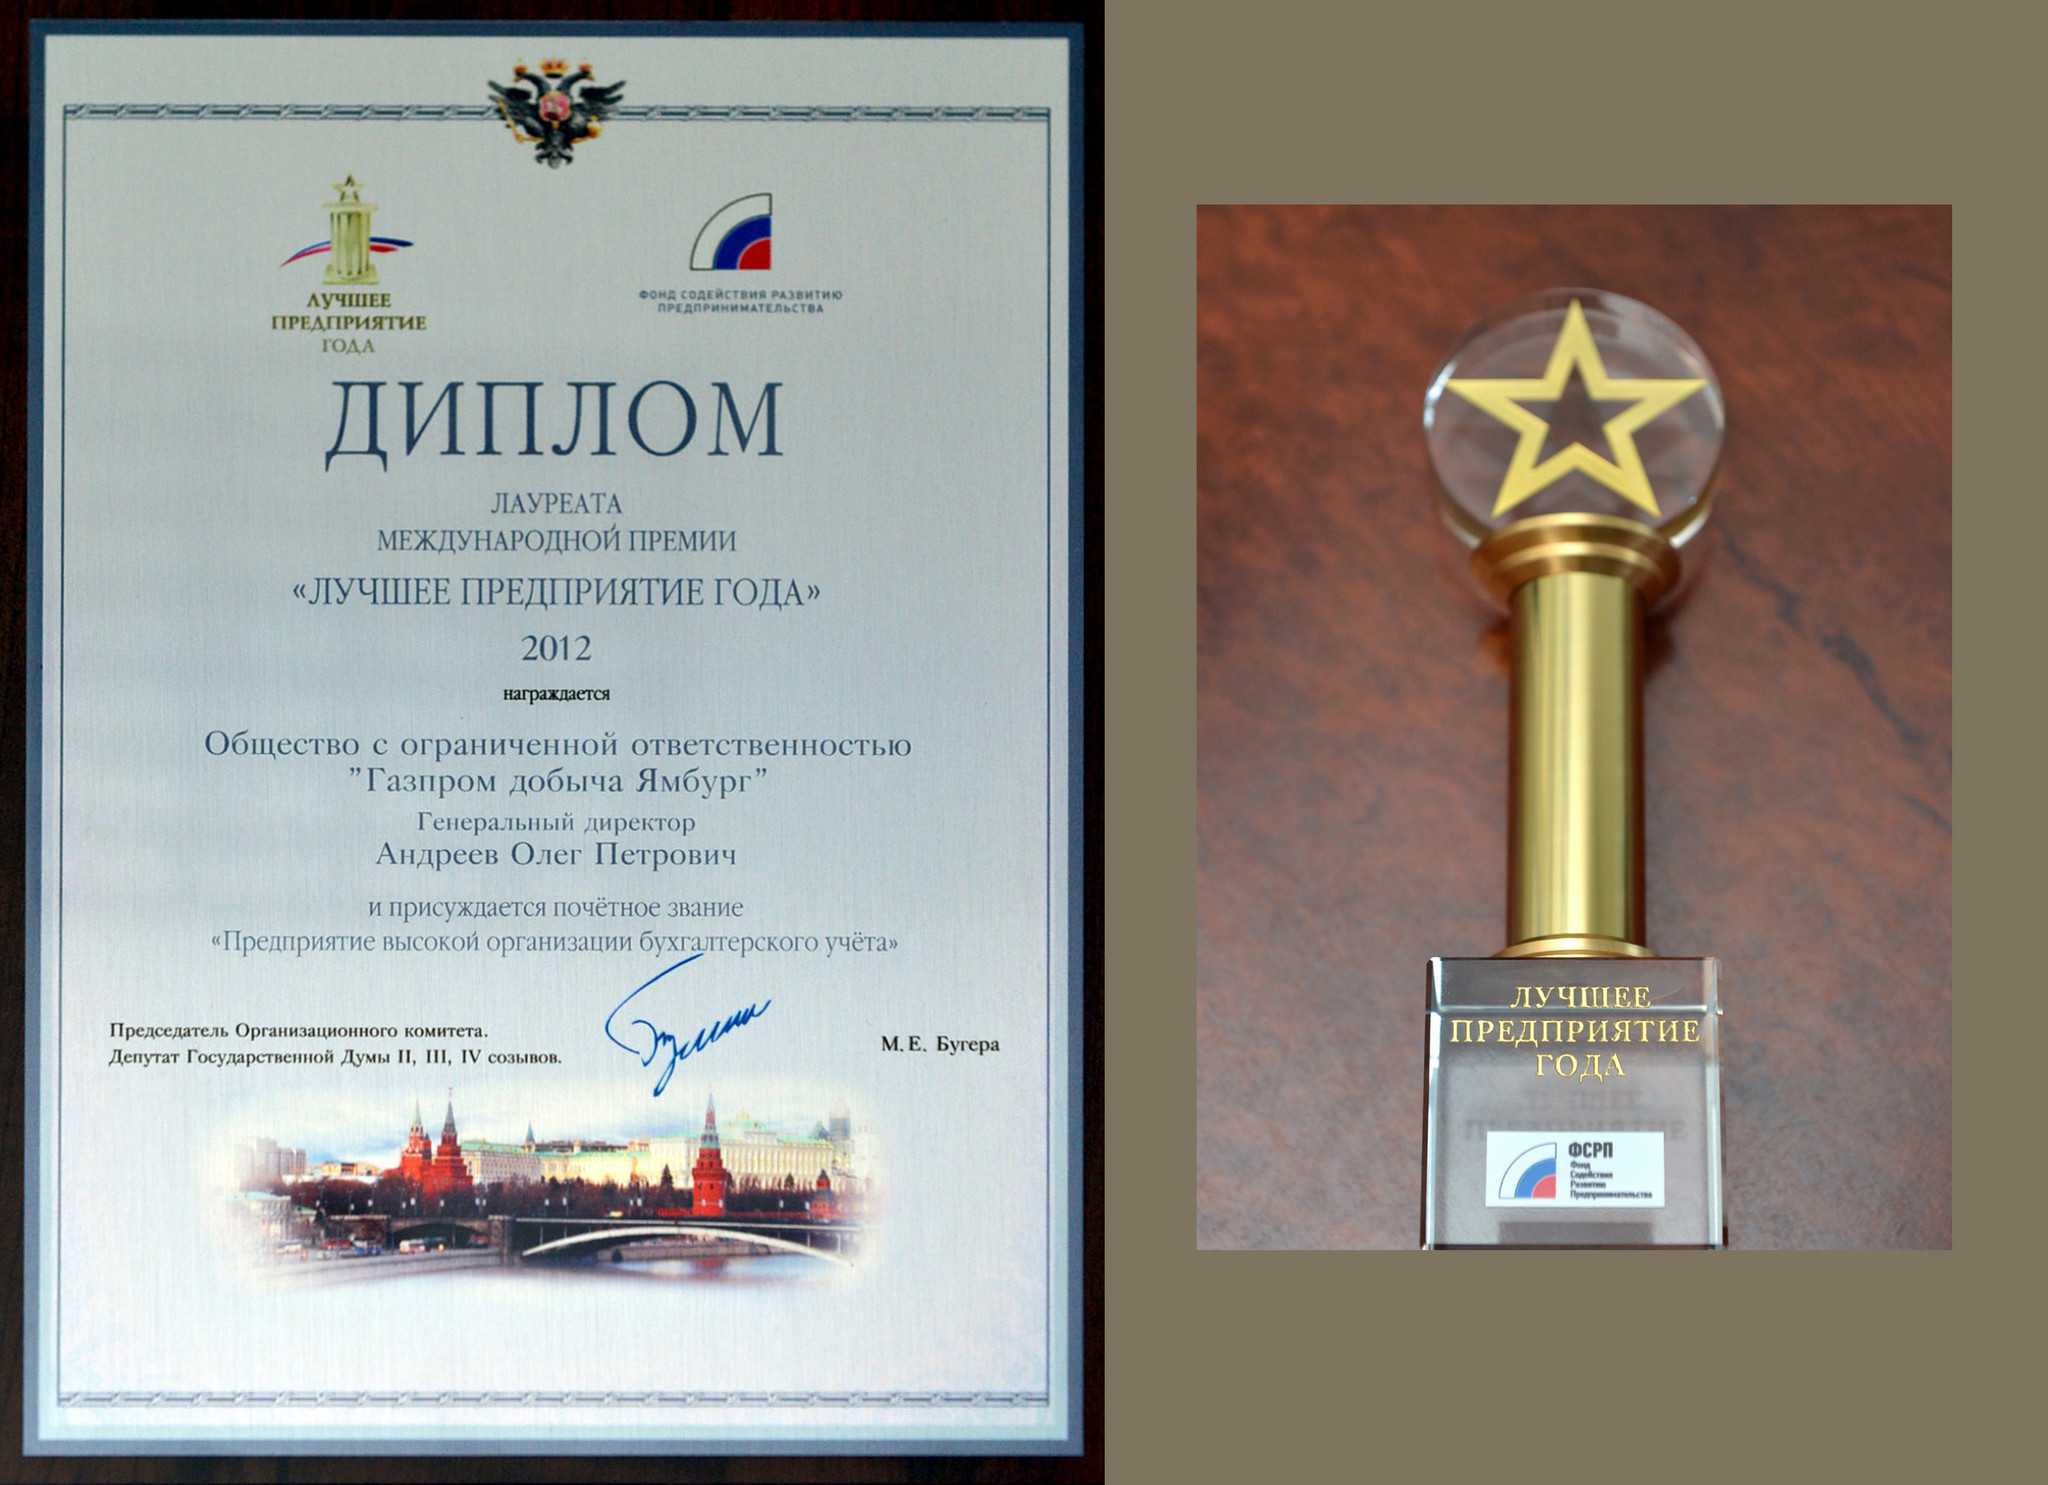 Награды Диплом лауреата международной премии Лучшее предприятие года Почетное звание Предприятие высокой организации